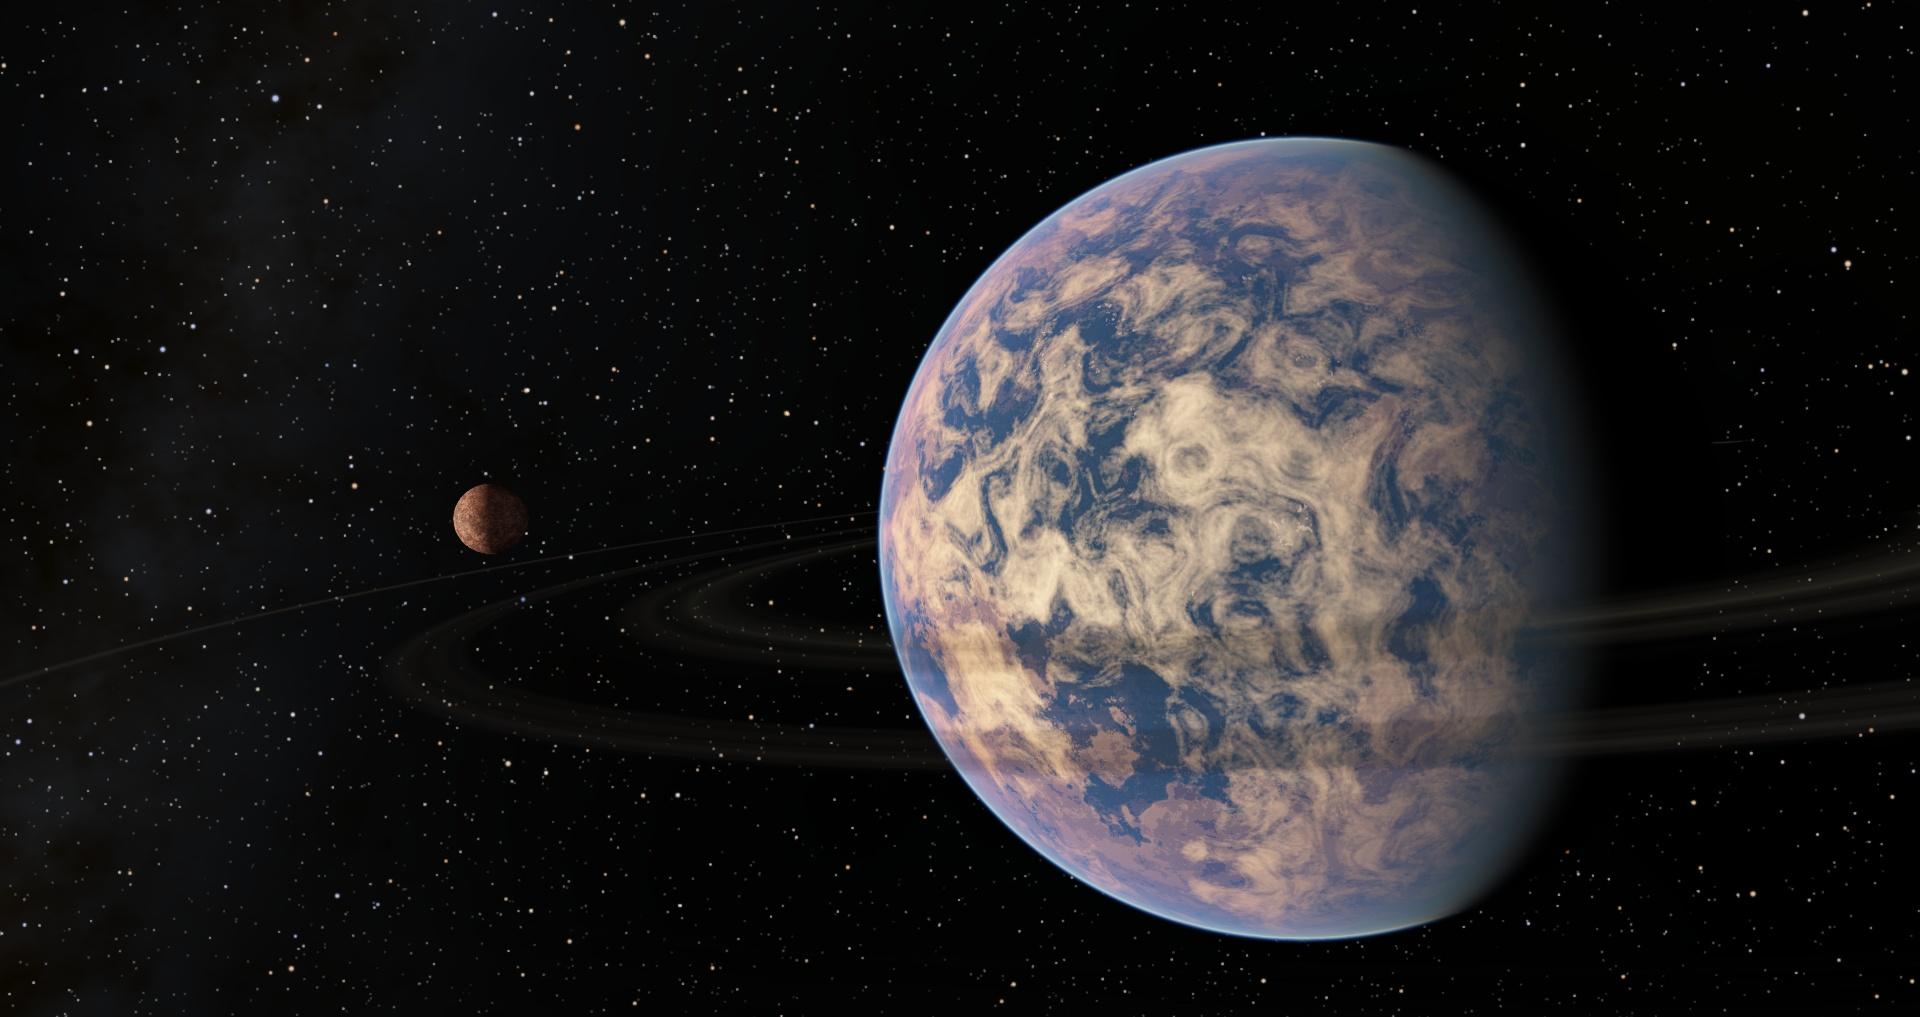 earth like planets kepler 22b - photo #14